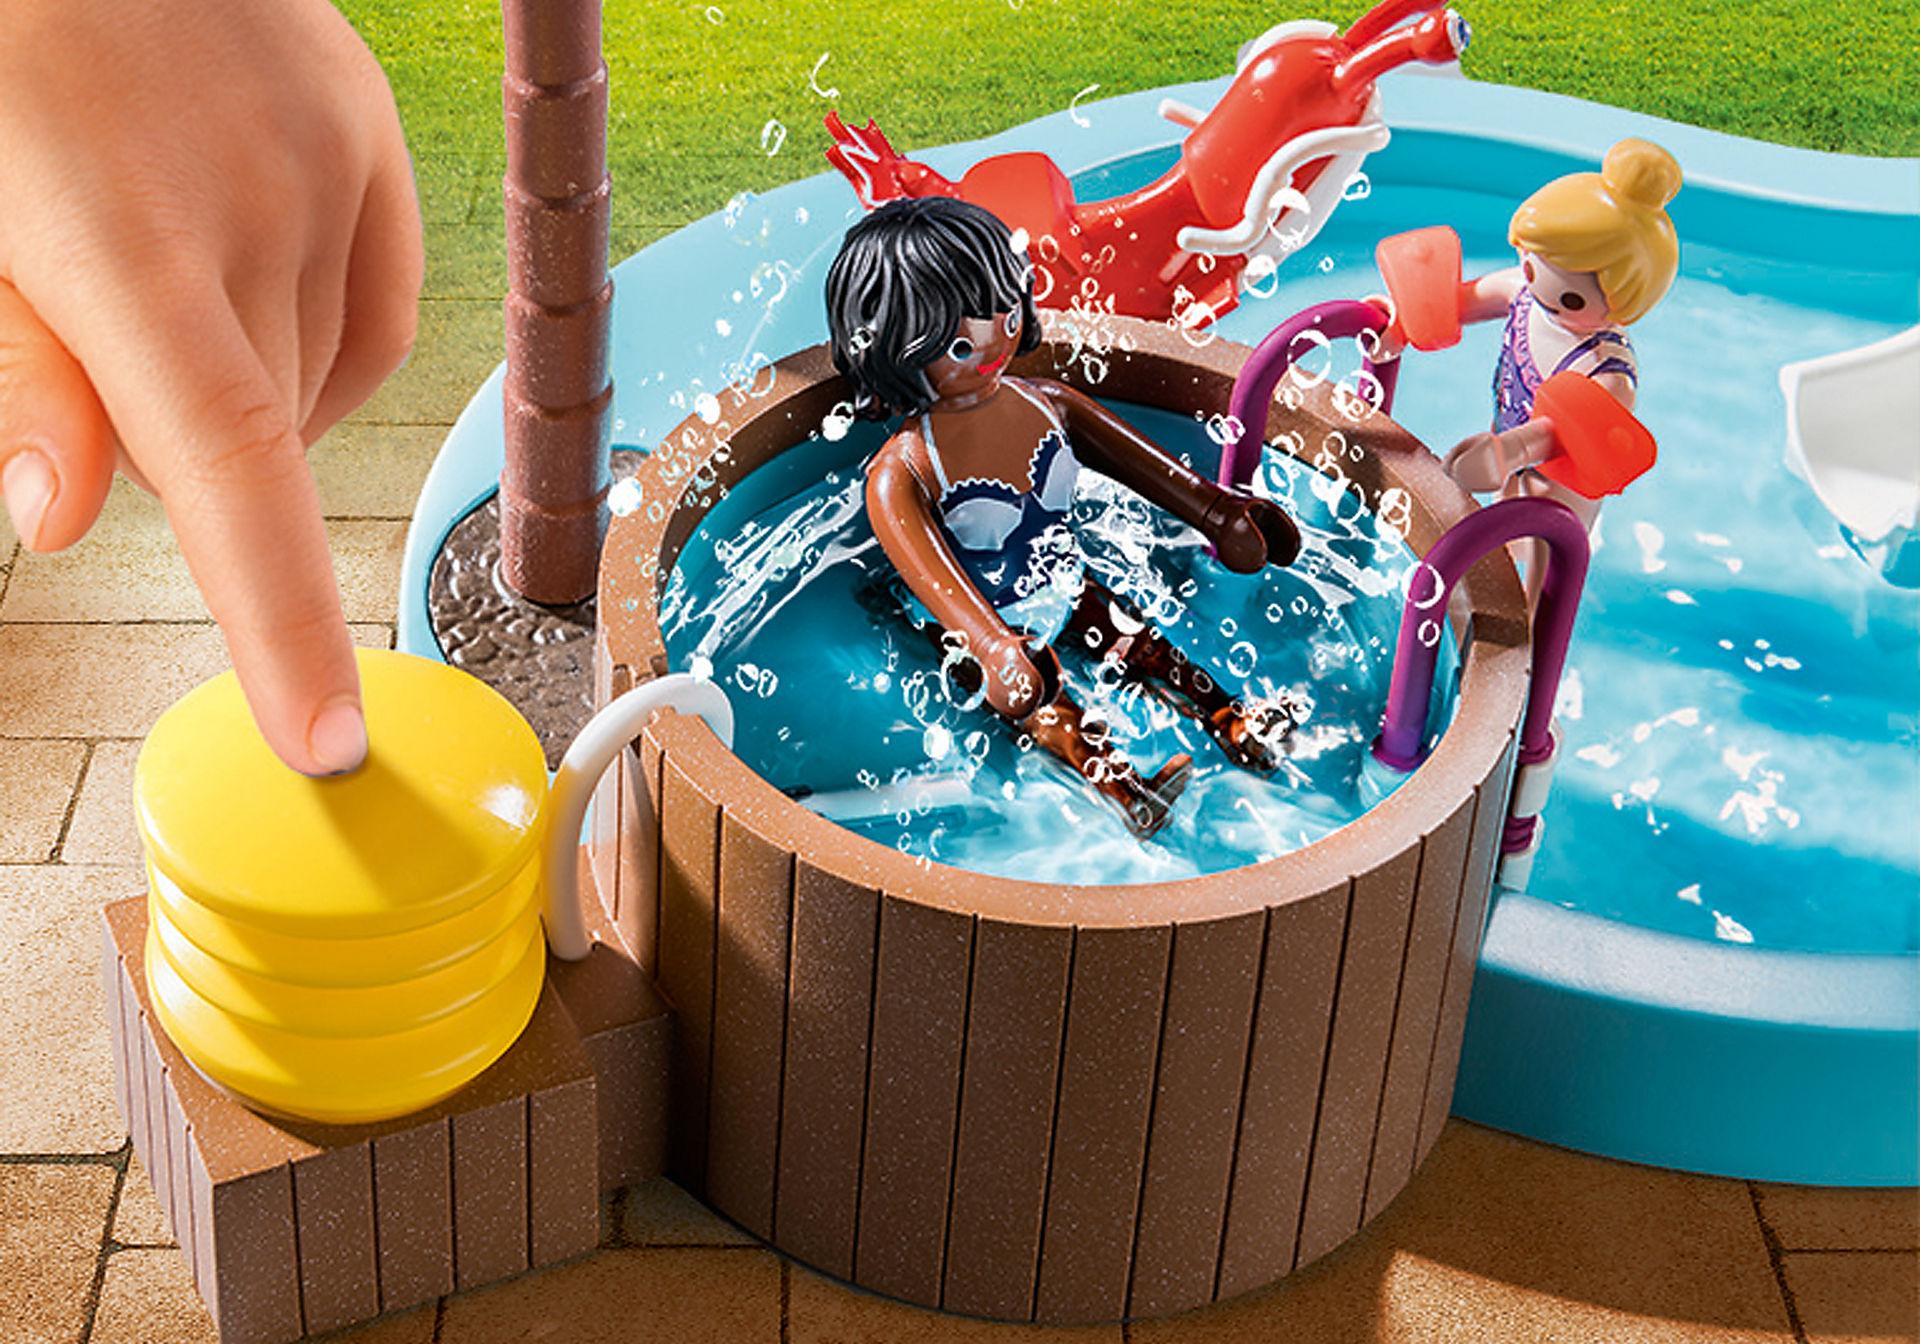 70611 Pataugeoire avec bain à bulles  zoom image4